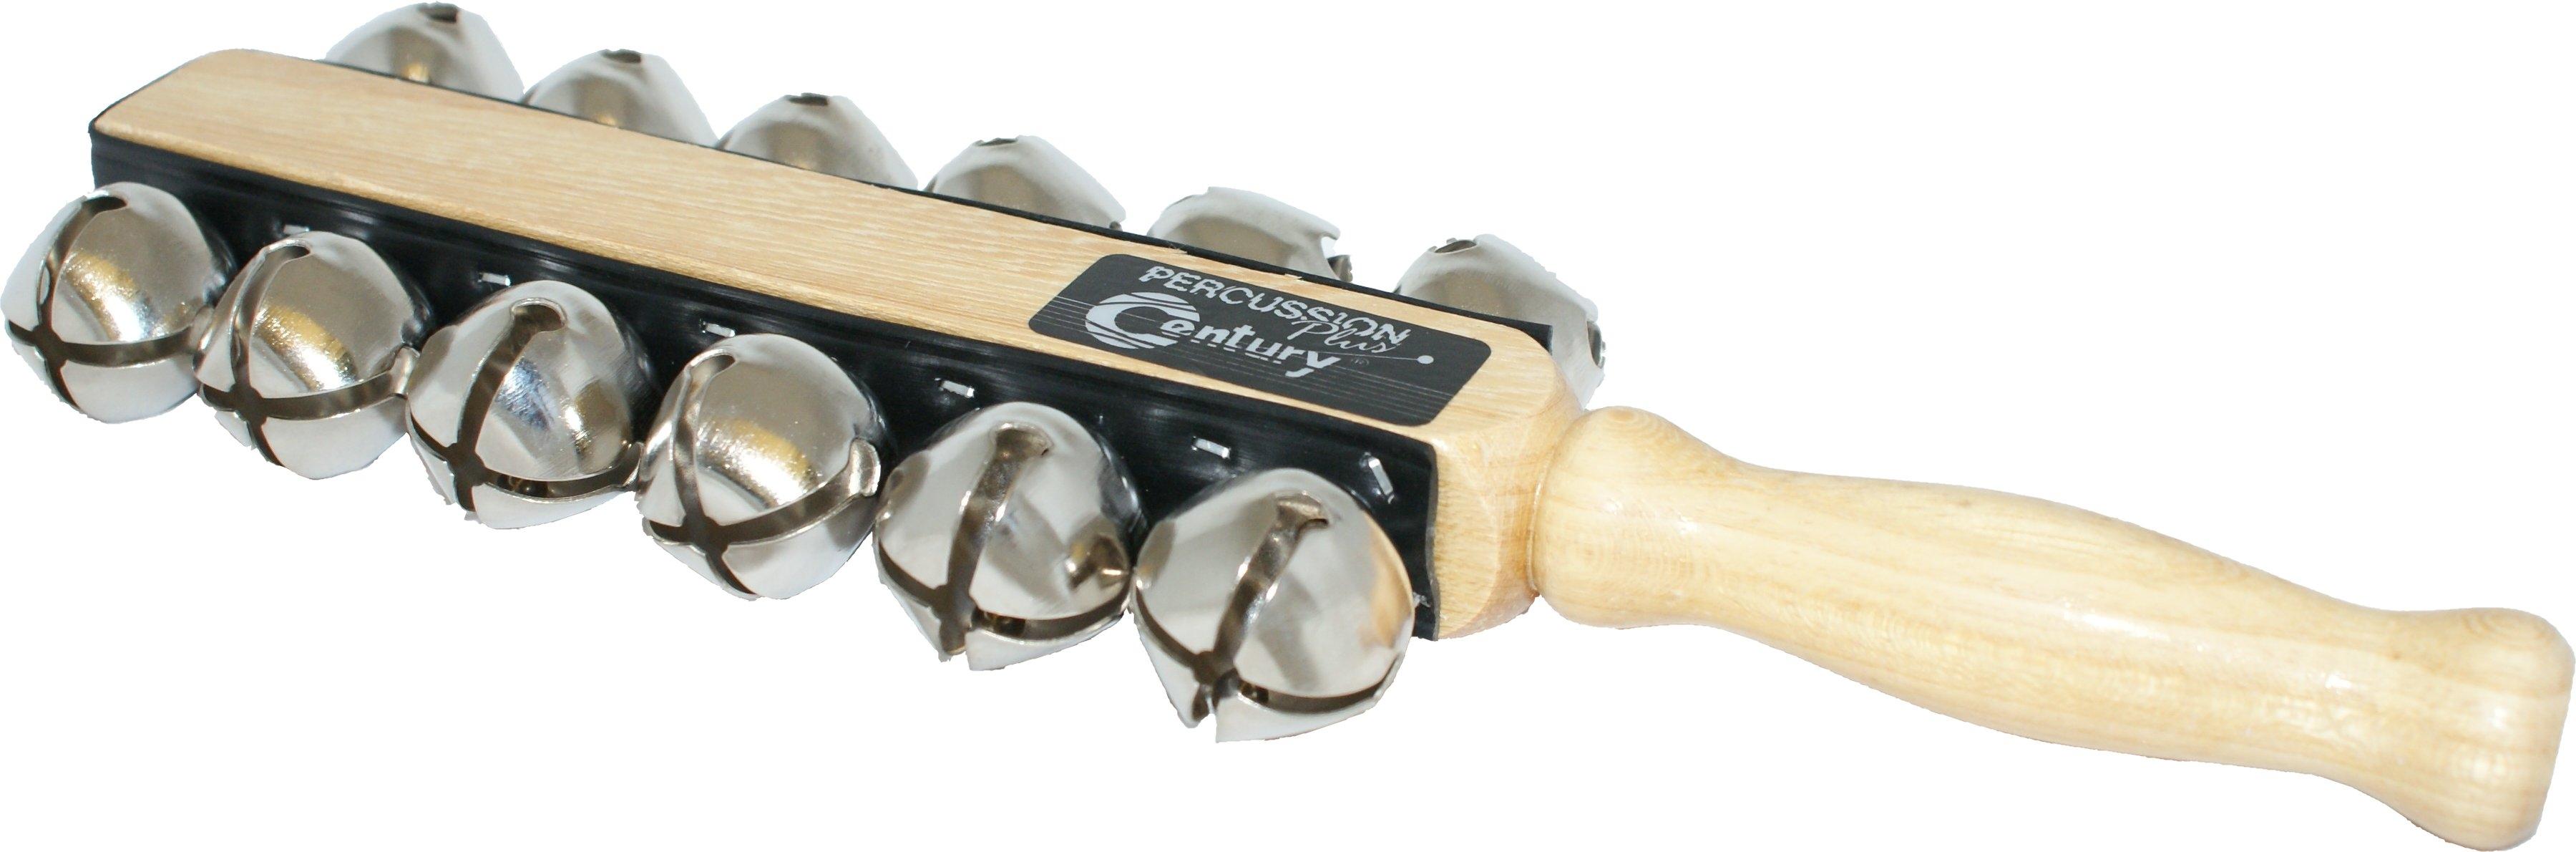 Handbell 12 Jingles Instrument: Percussion